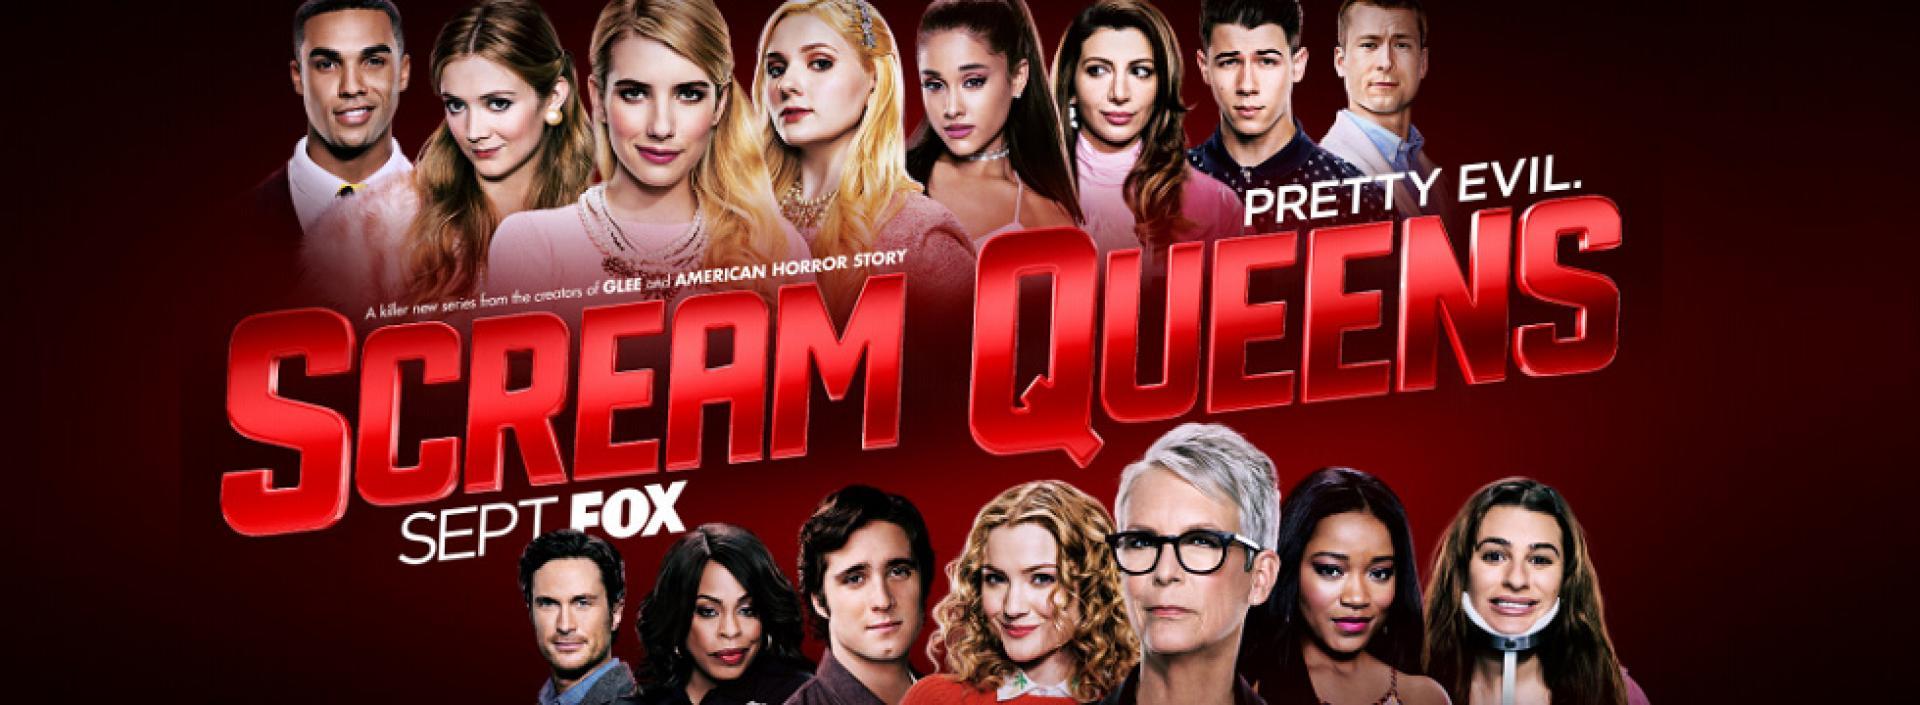 Scream Queens 1x08